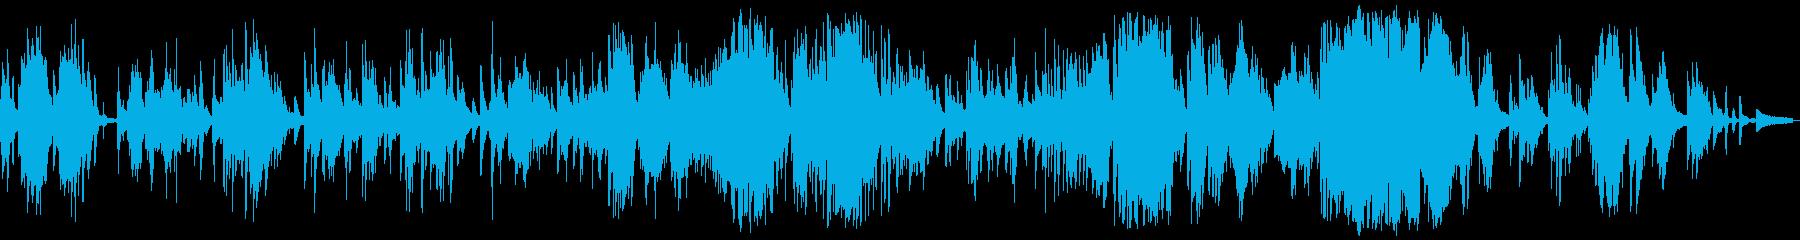 サラサラ ジャズ 感情的 バラード...の再生済みの波形